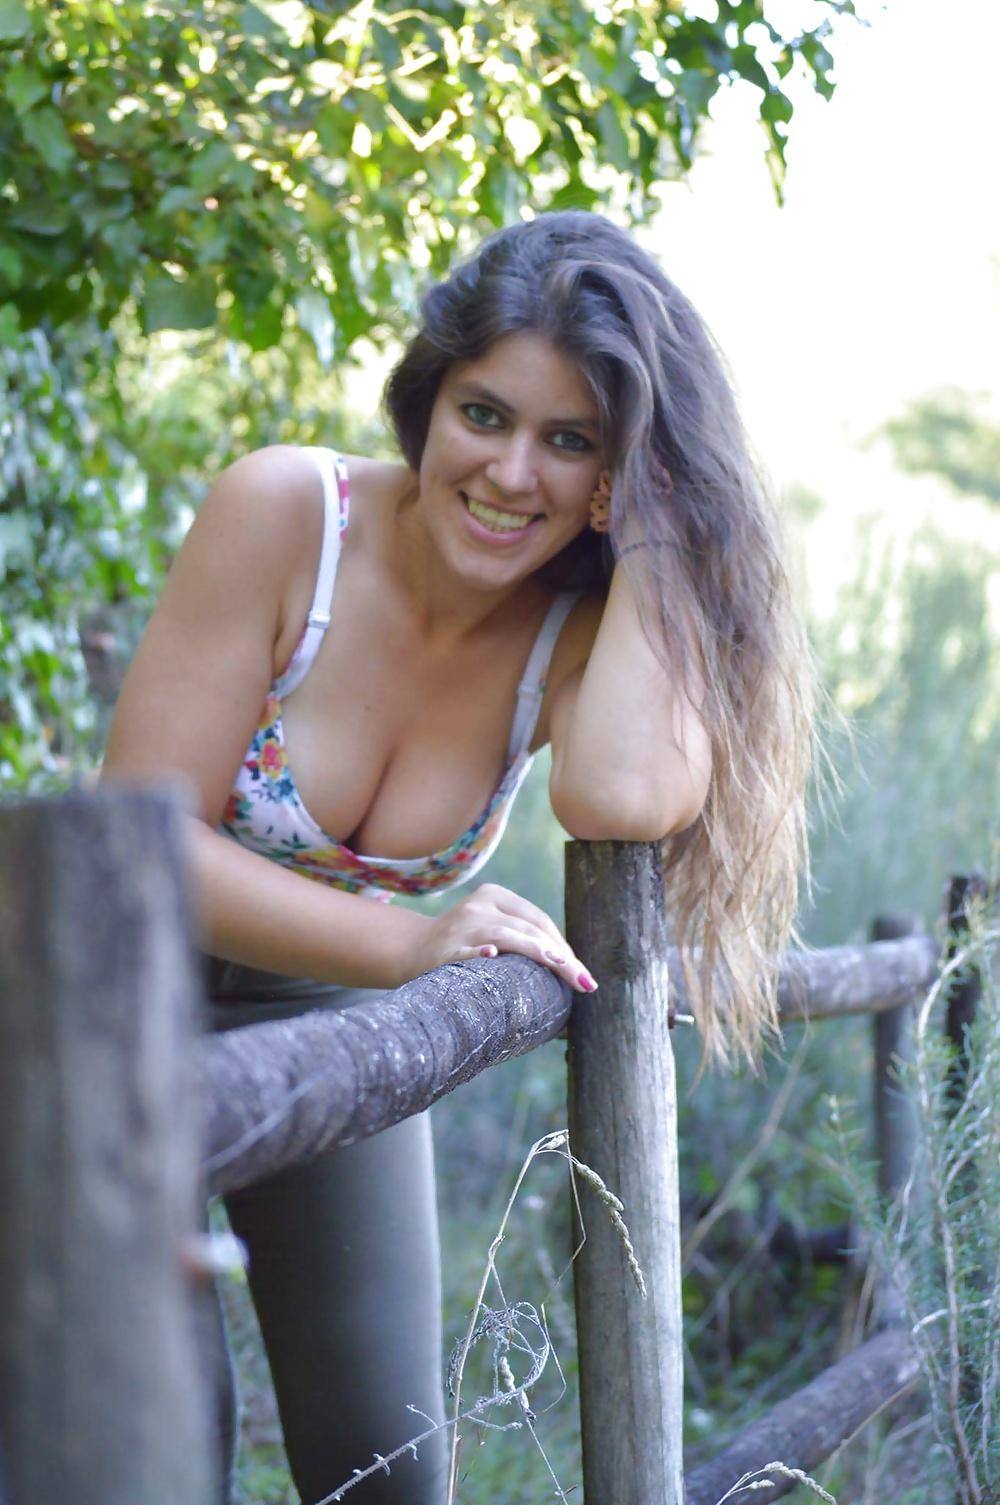 Erotische Bildern von amateure Frauen gratis milf nacktbilder